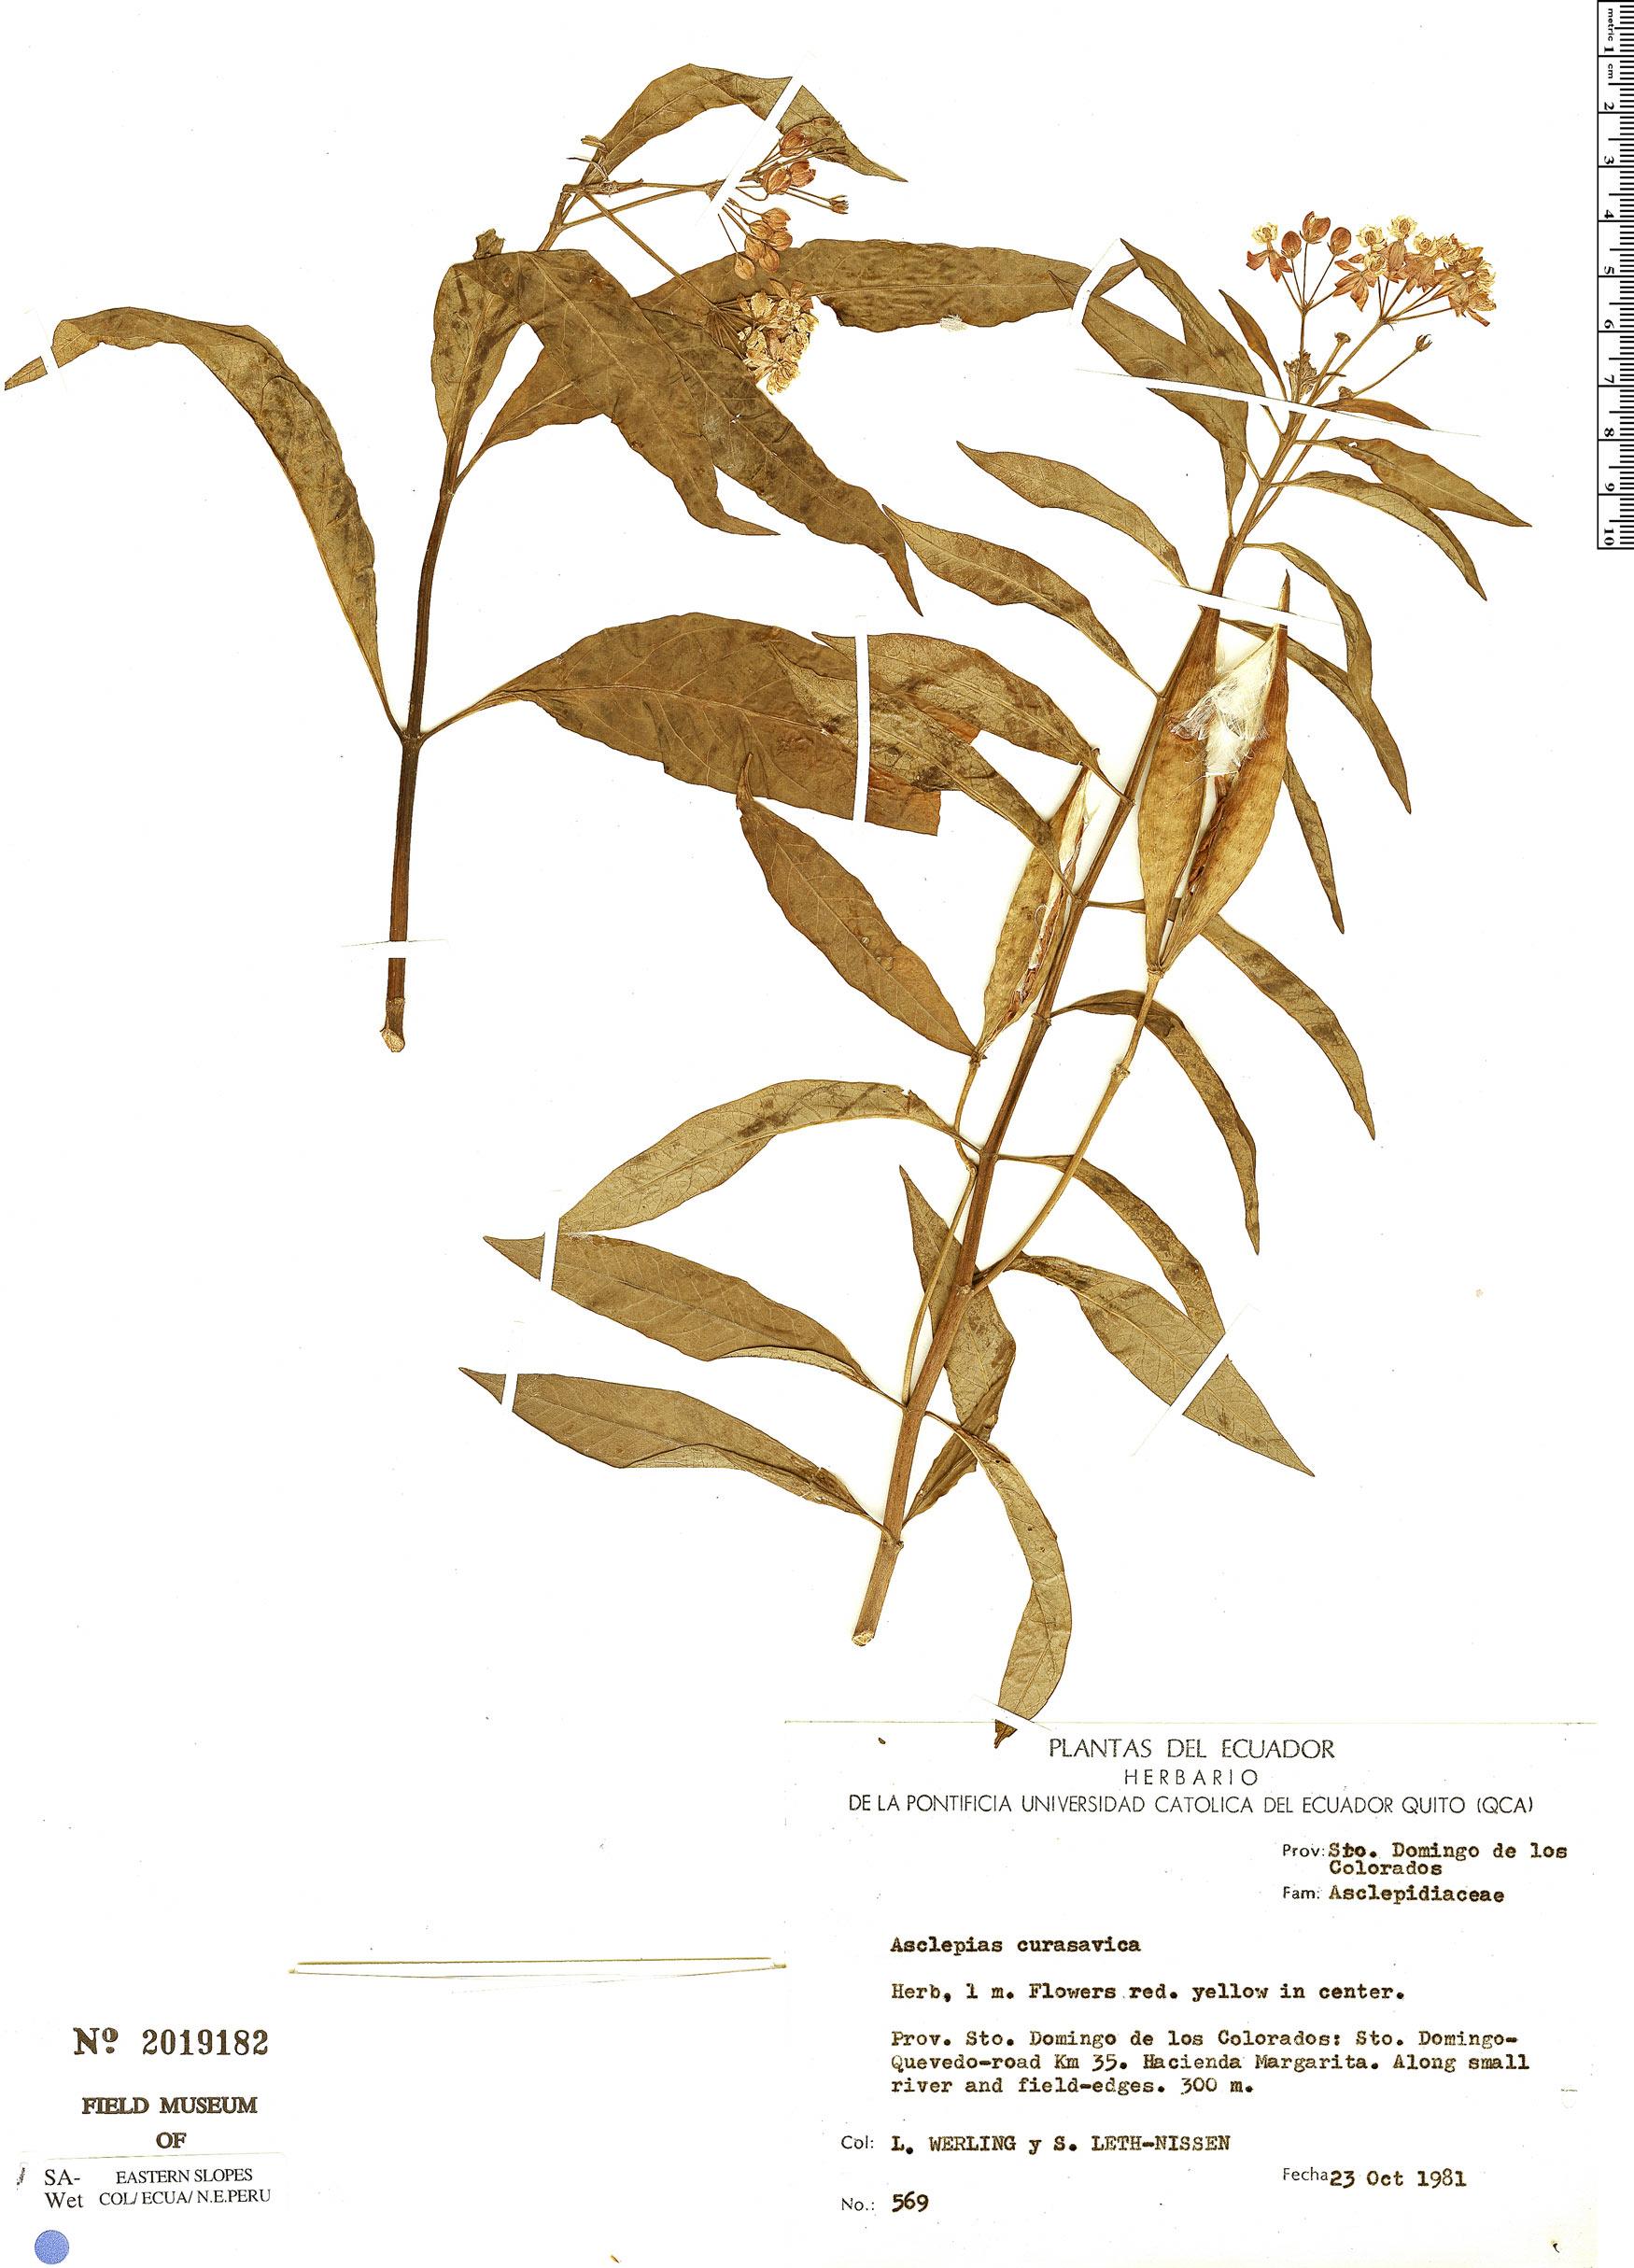 Specimen: Asclepias curassavica